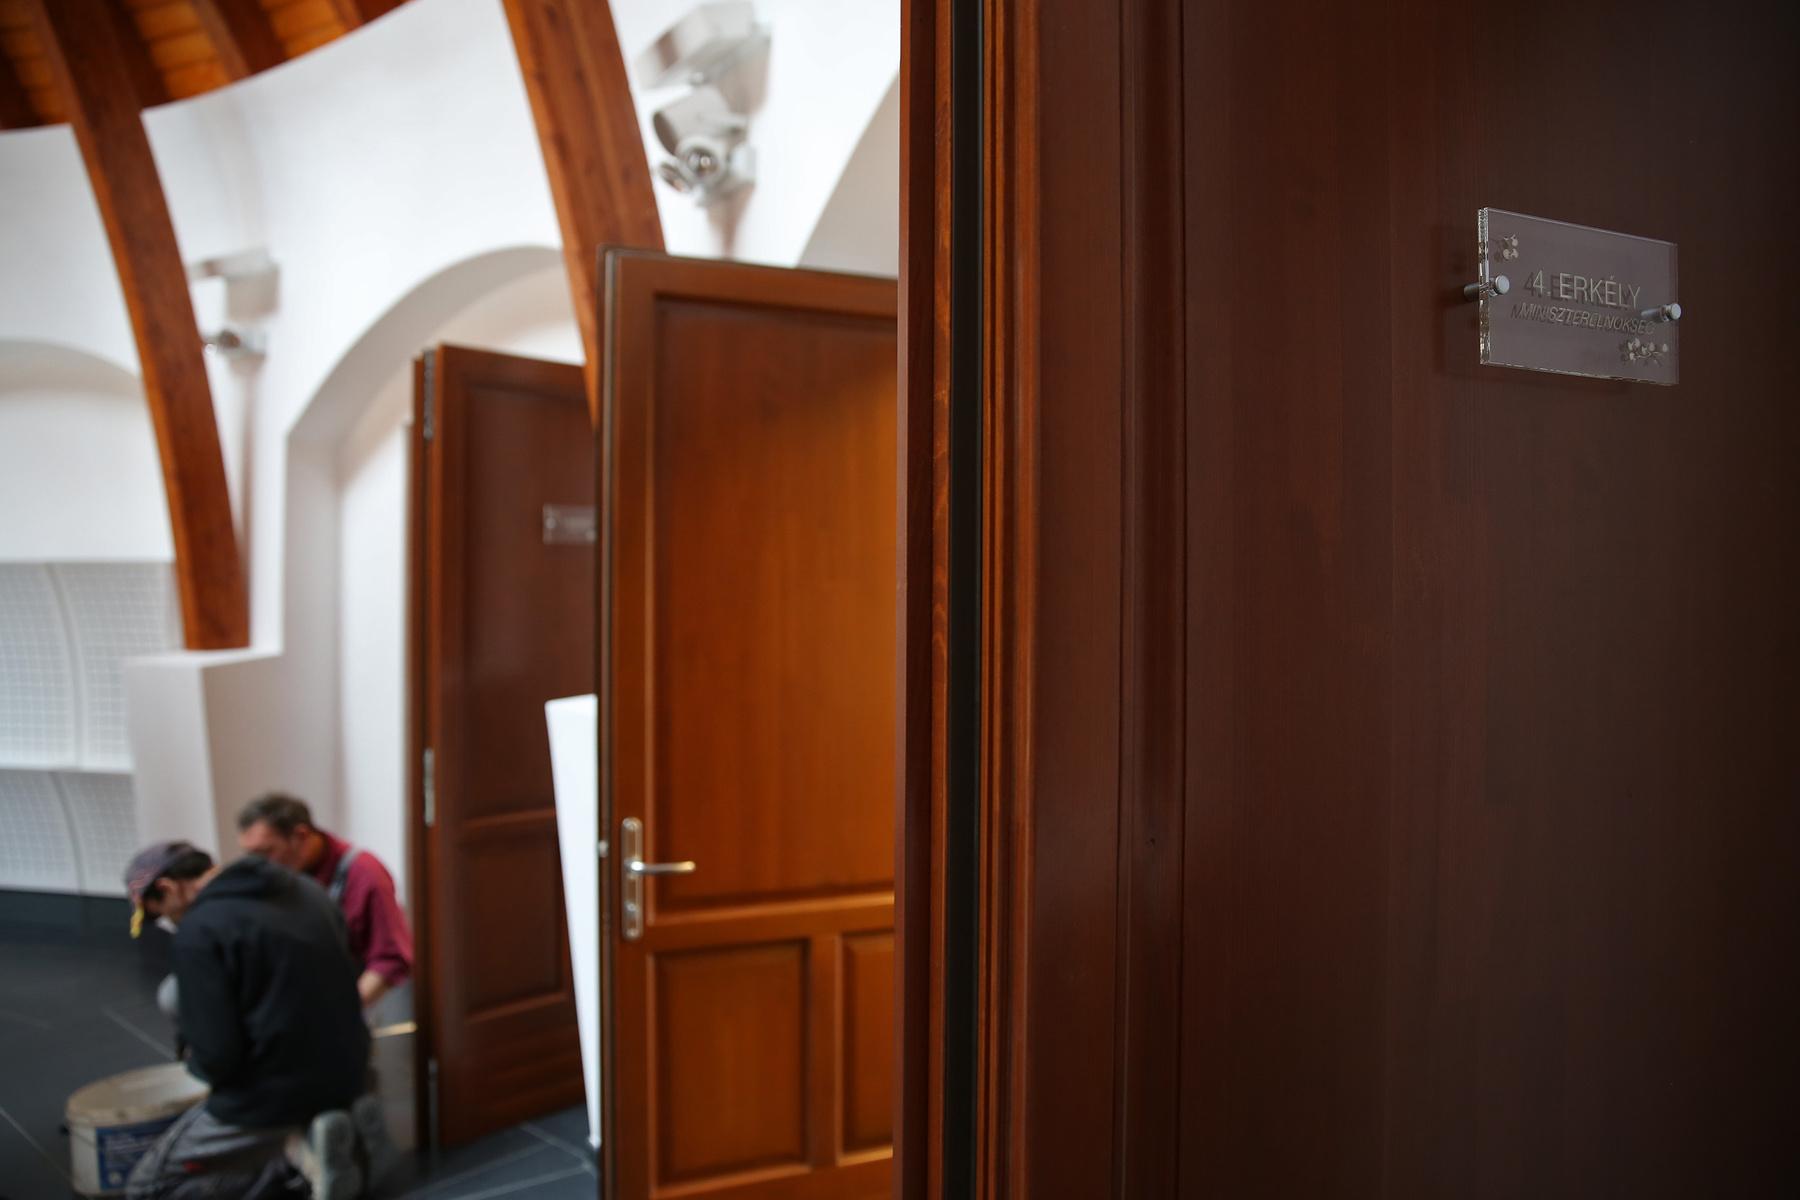 A Miniszterelnökség VIP-szobája, ami a Miniszterelnökség szerint mégsem az övék, hanem csak Orbán Viktoré